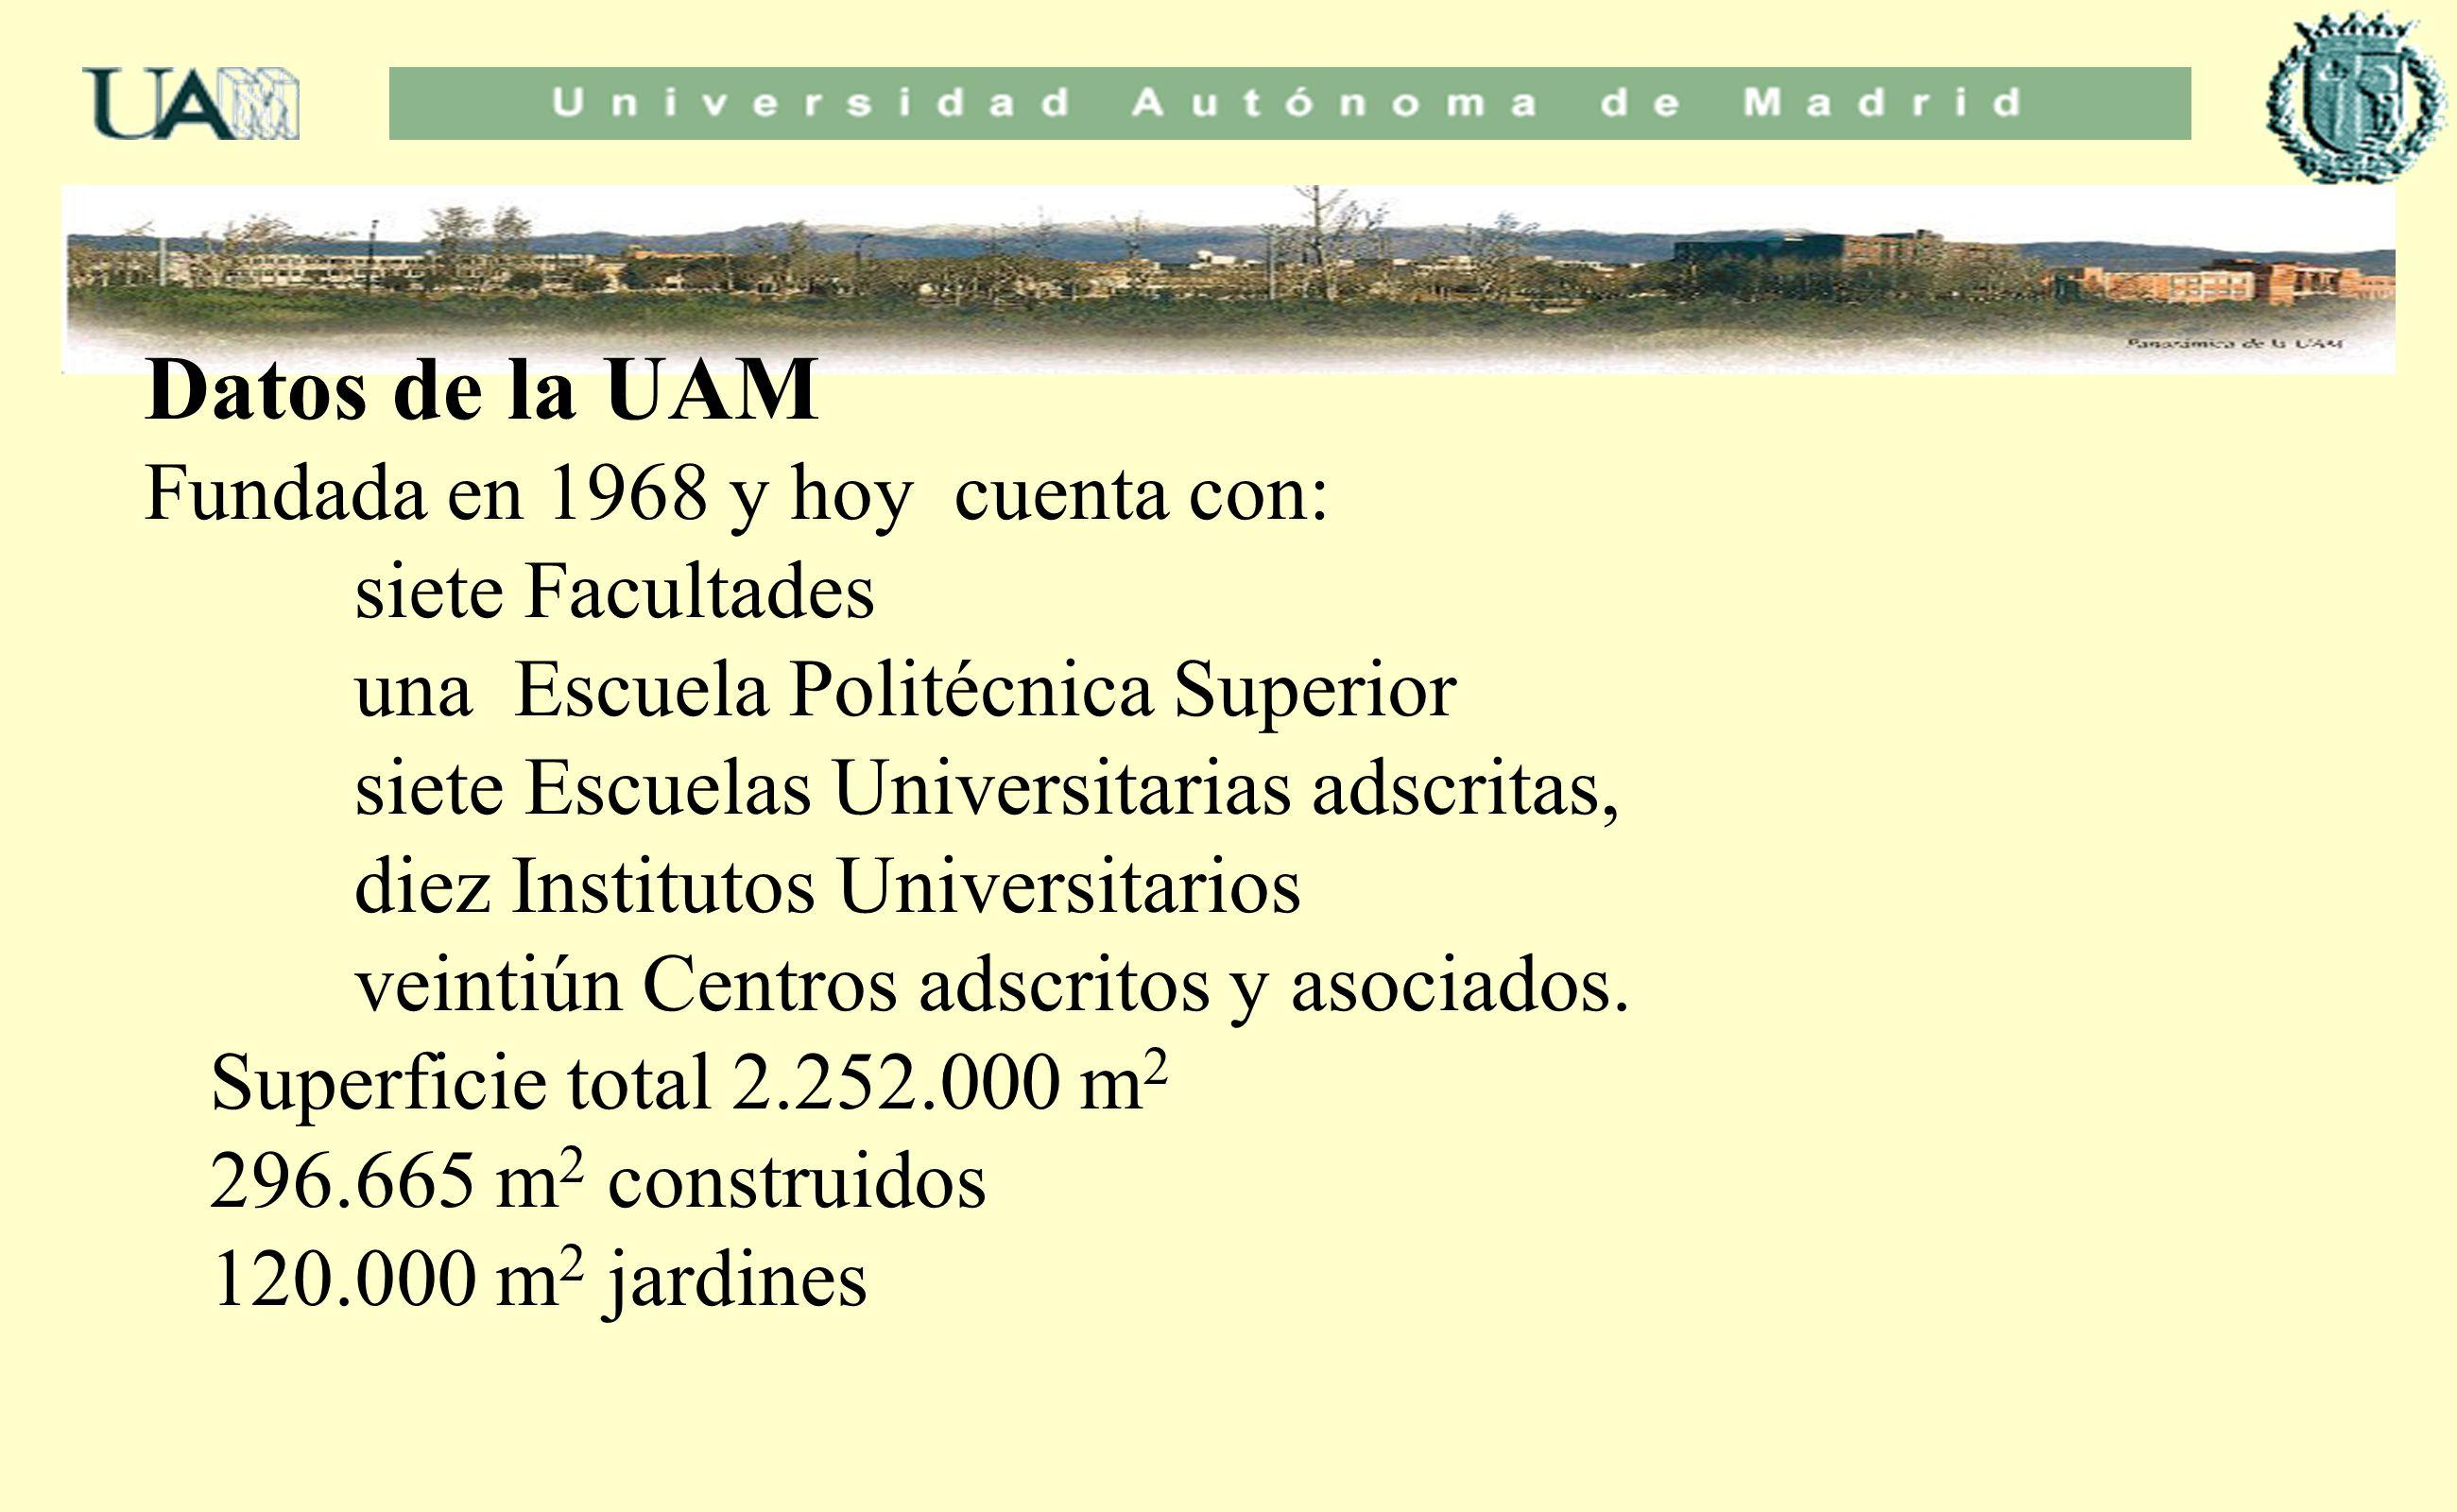 Datos de la UAM Fundada en 1968 y hoy cuenta con: siete Facultades